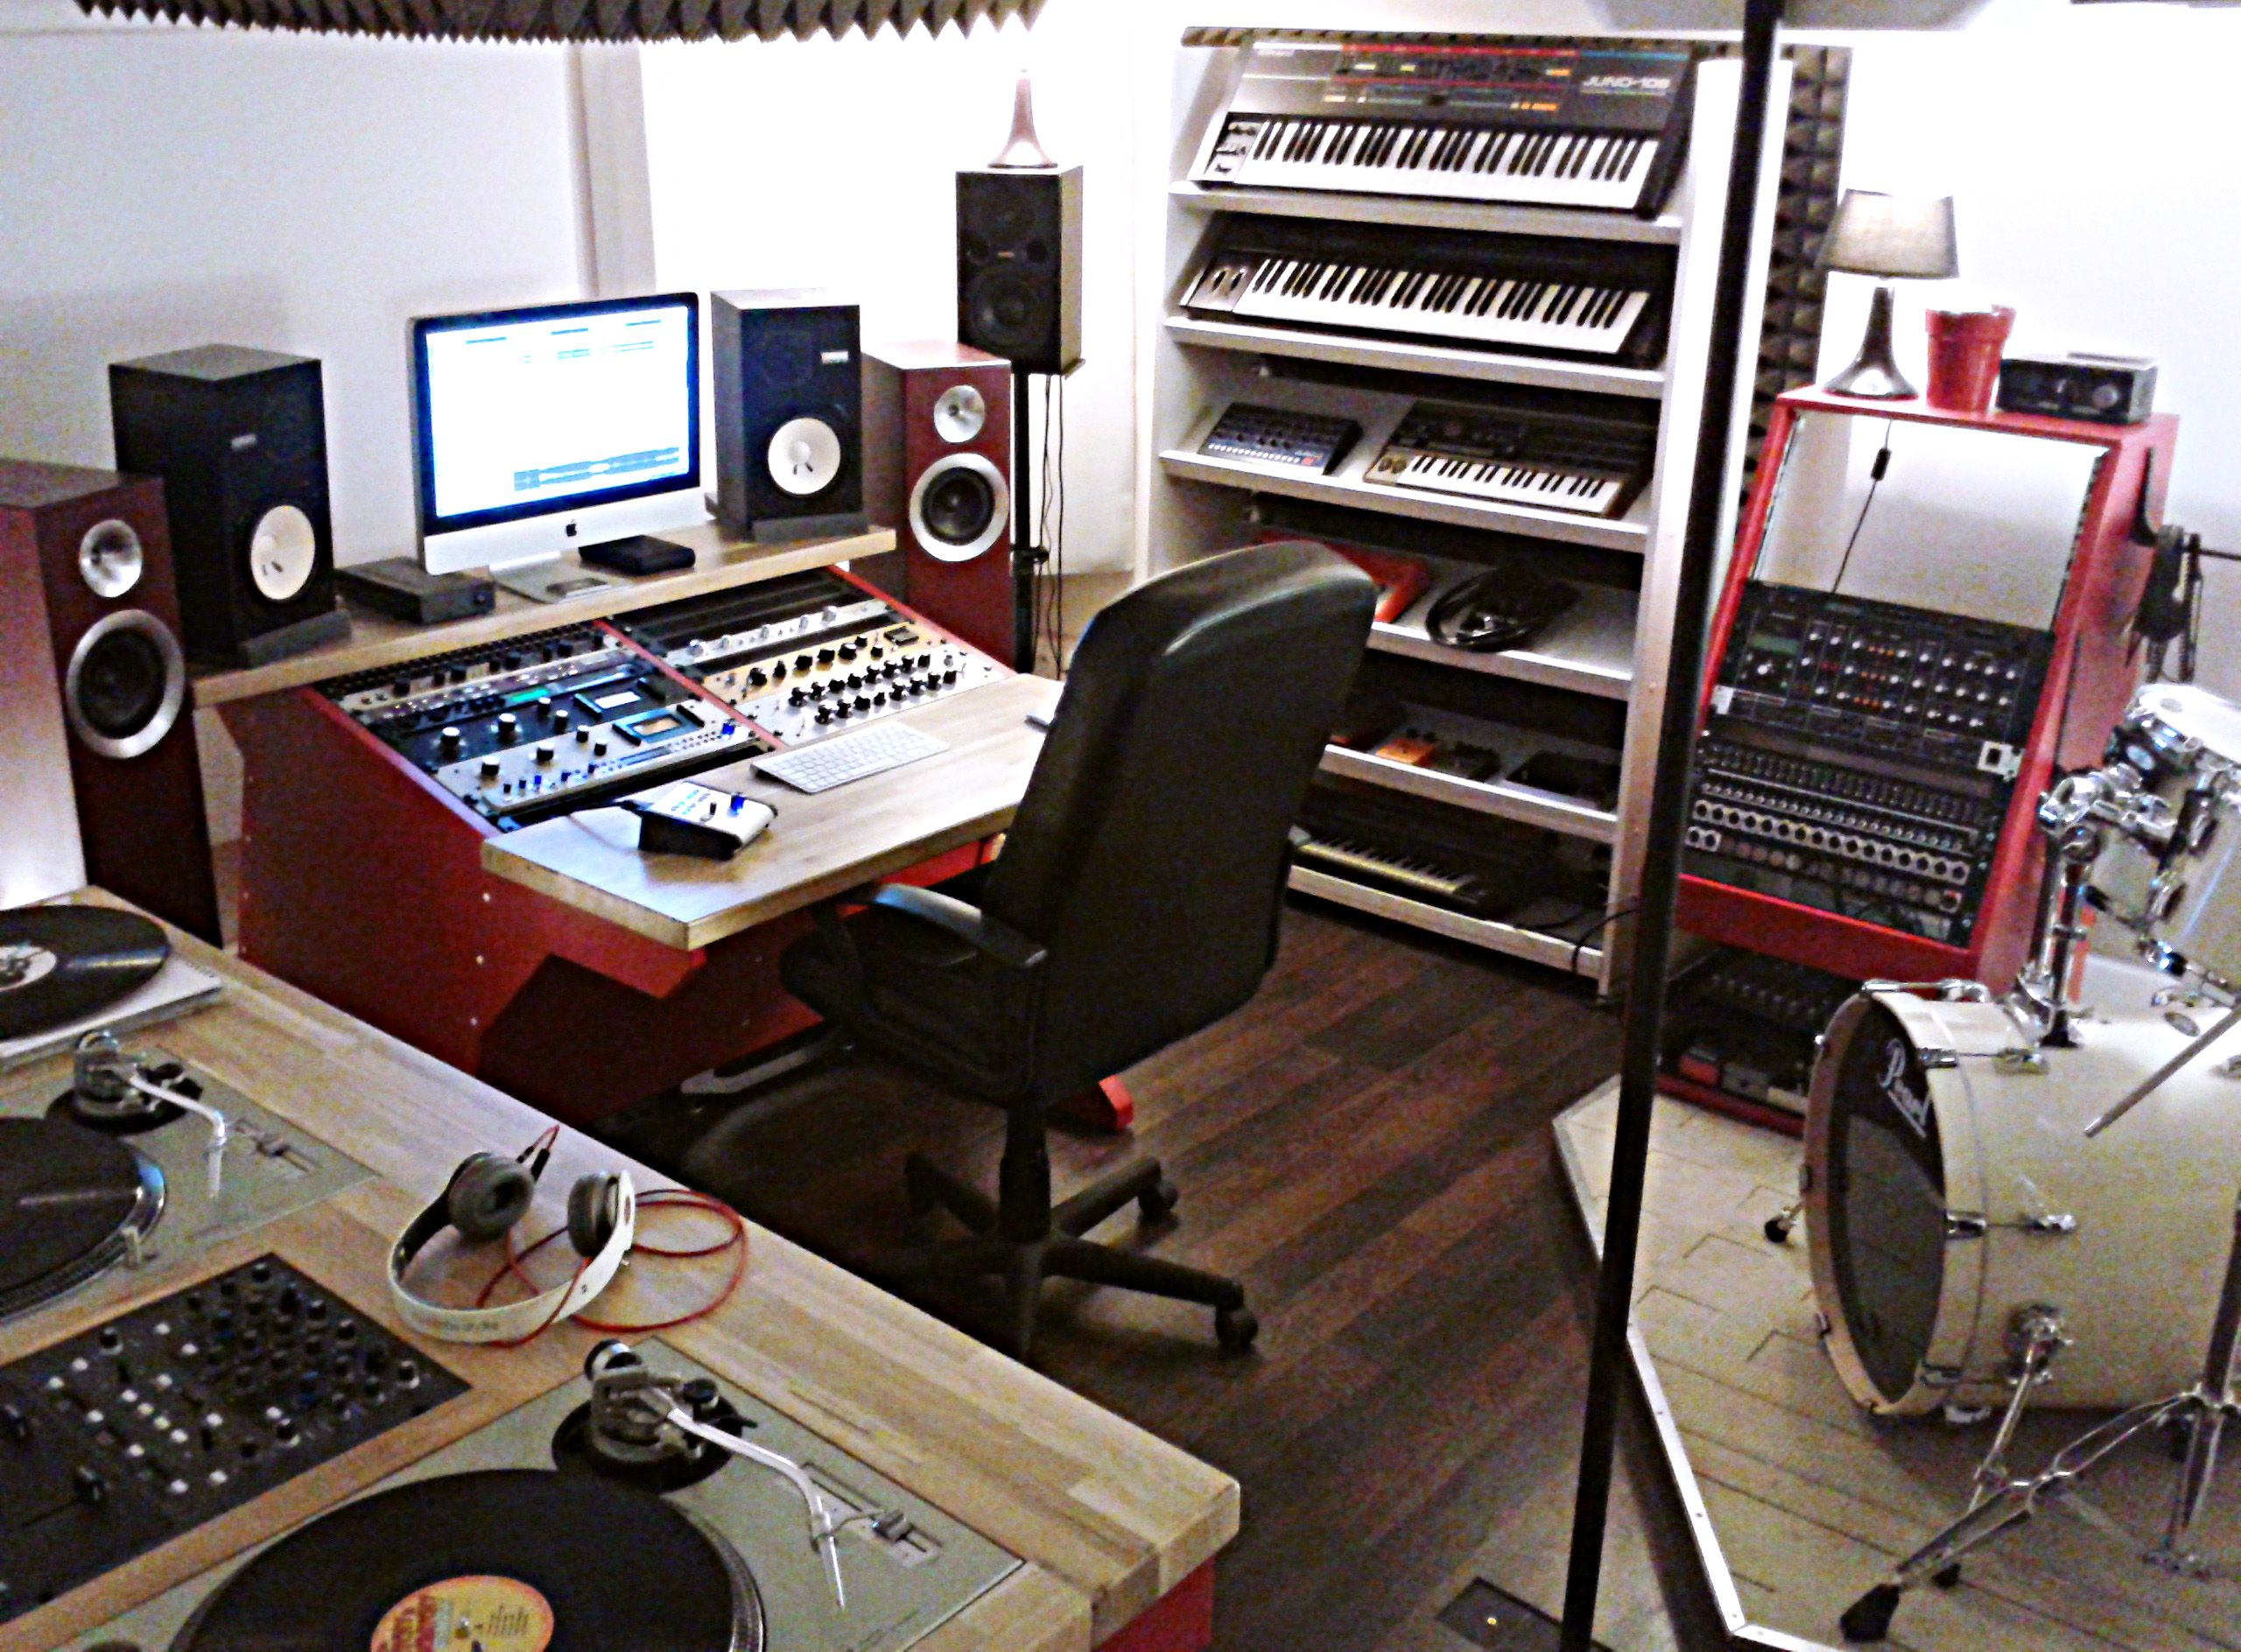 pingl par tedire sur studios enregistrement id es pinterest studio studio enregistrement. Black Bedroom Furniture Sets. Home Design Ideas